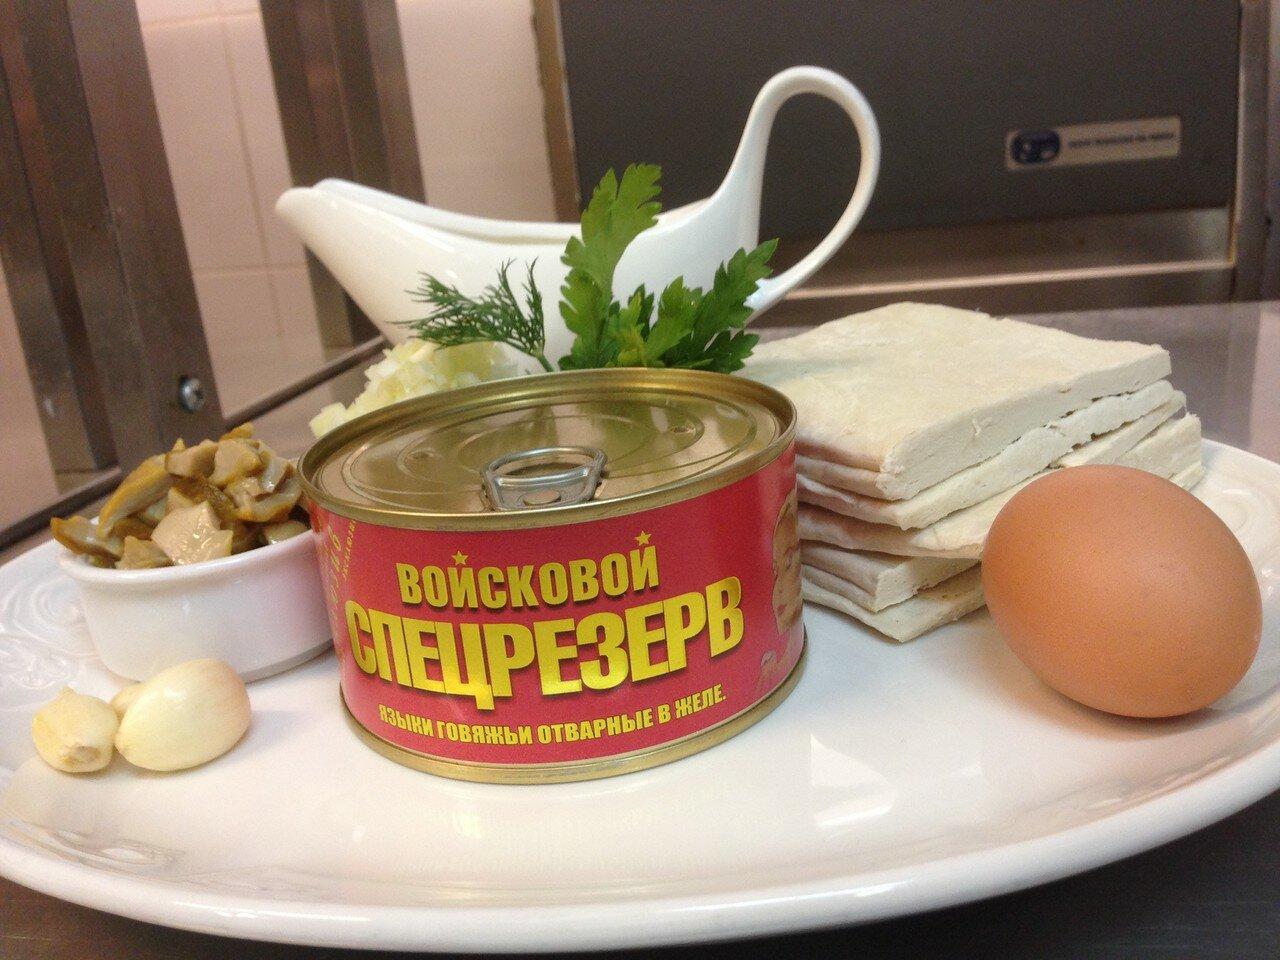 Купить тушенку «Говяжьи языки Войсковой Спецрезерв» для пирога из слоеного теста